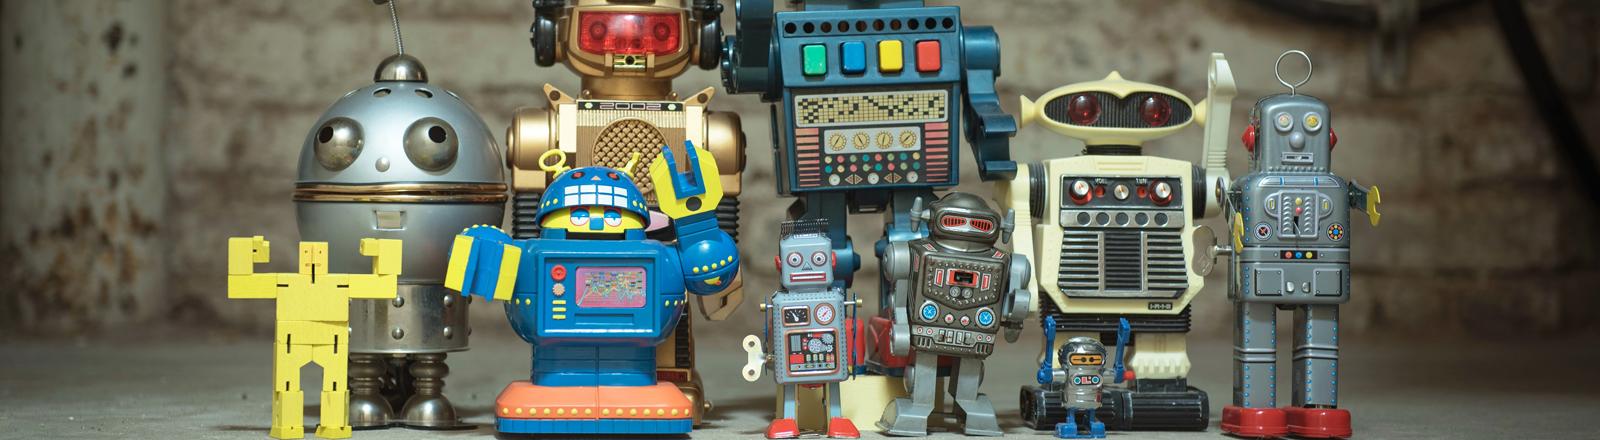 Roboter, die in einer Reihe stehen.